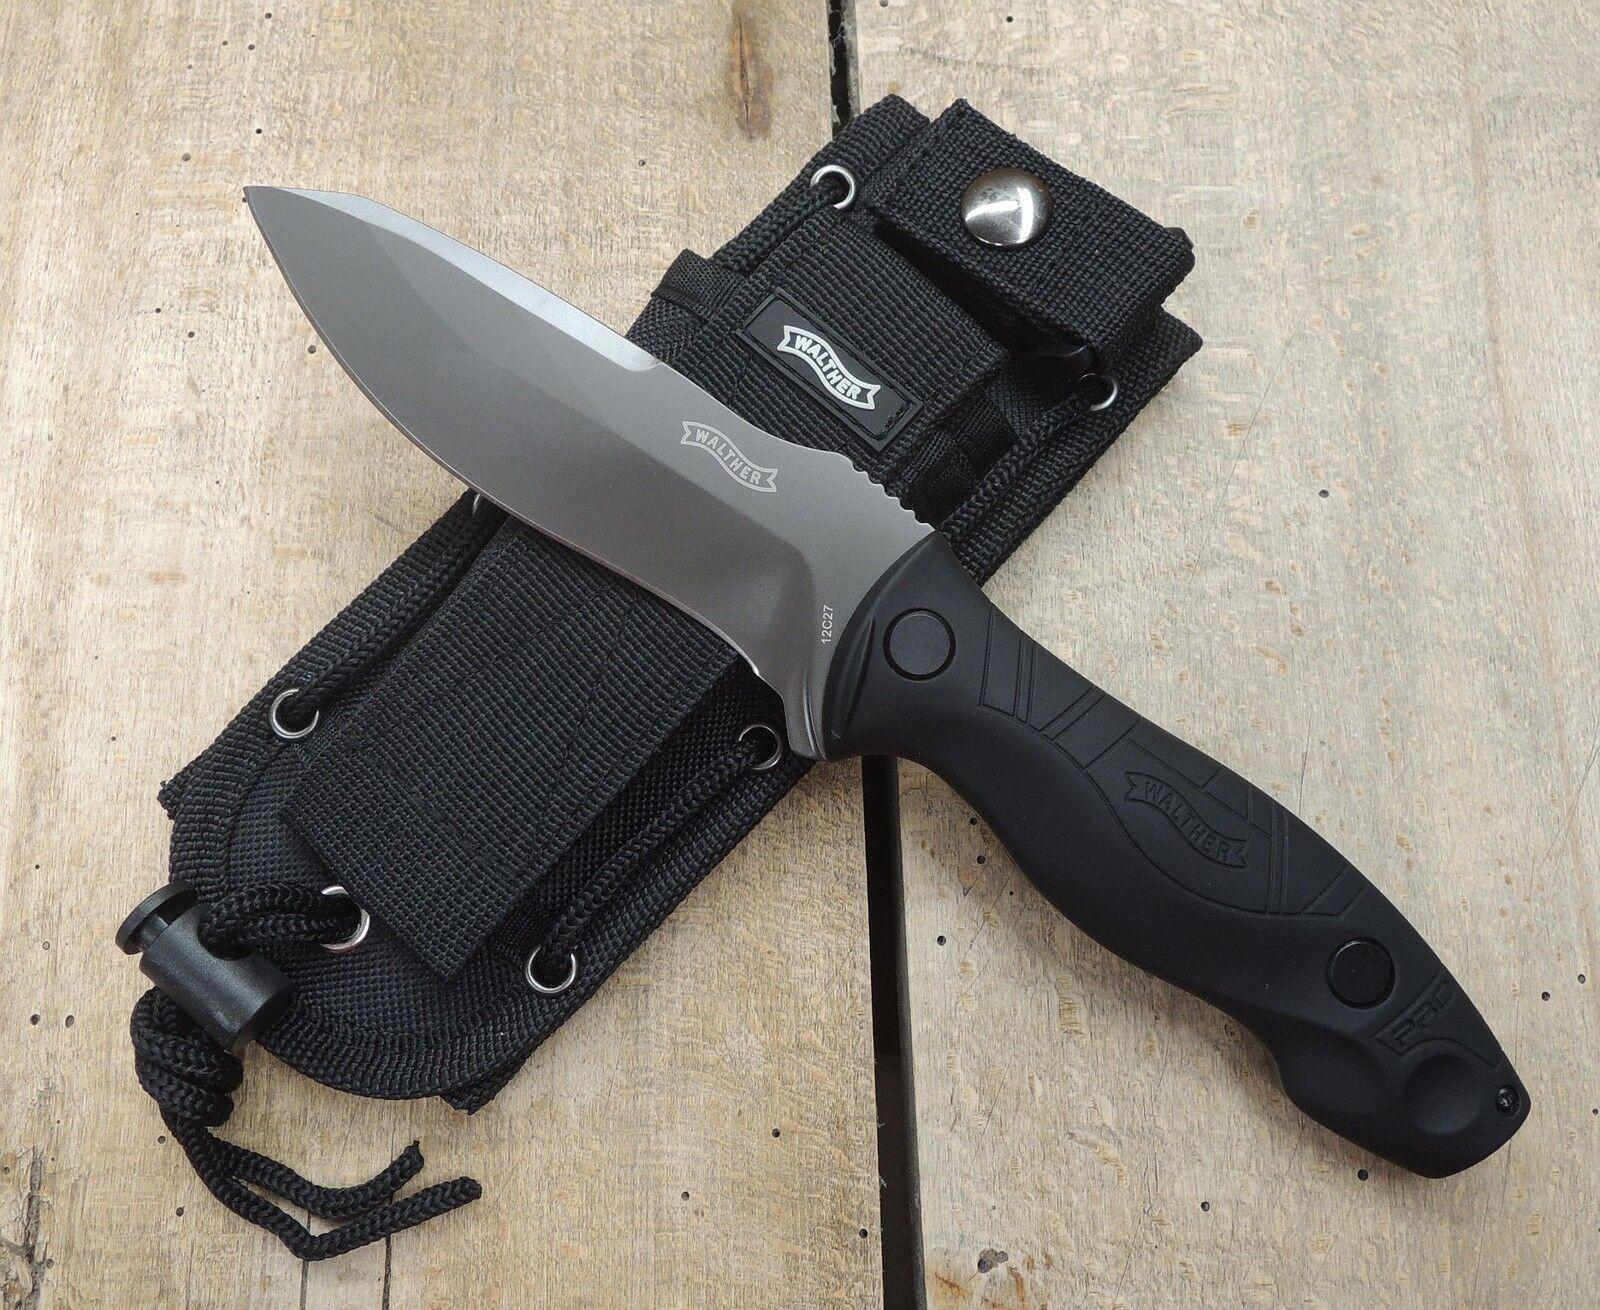 Walther Pro FBK FBK FBK Messer Fixed Blade Knife 12C27 Sandvik Stahl G10 Griff + Scheide d51373